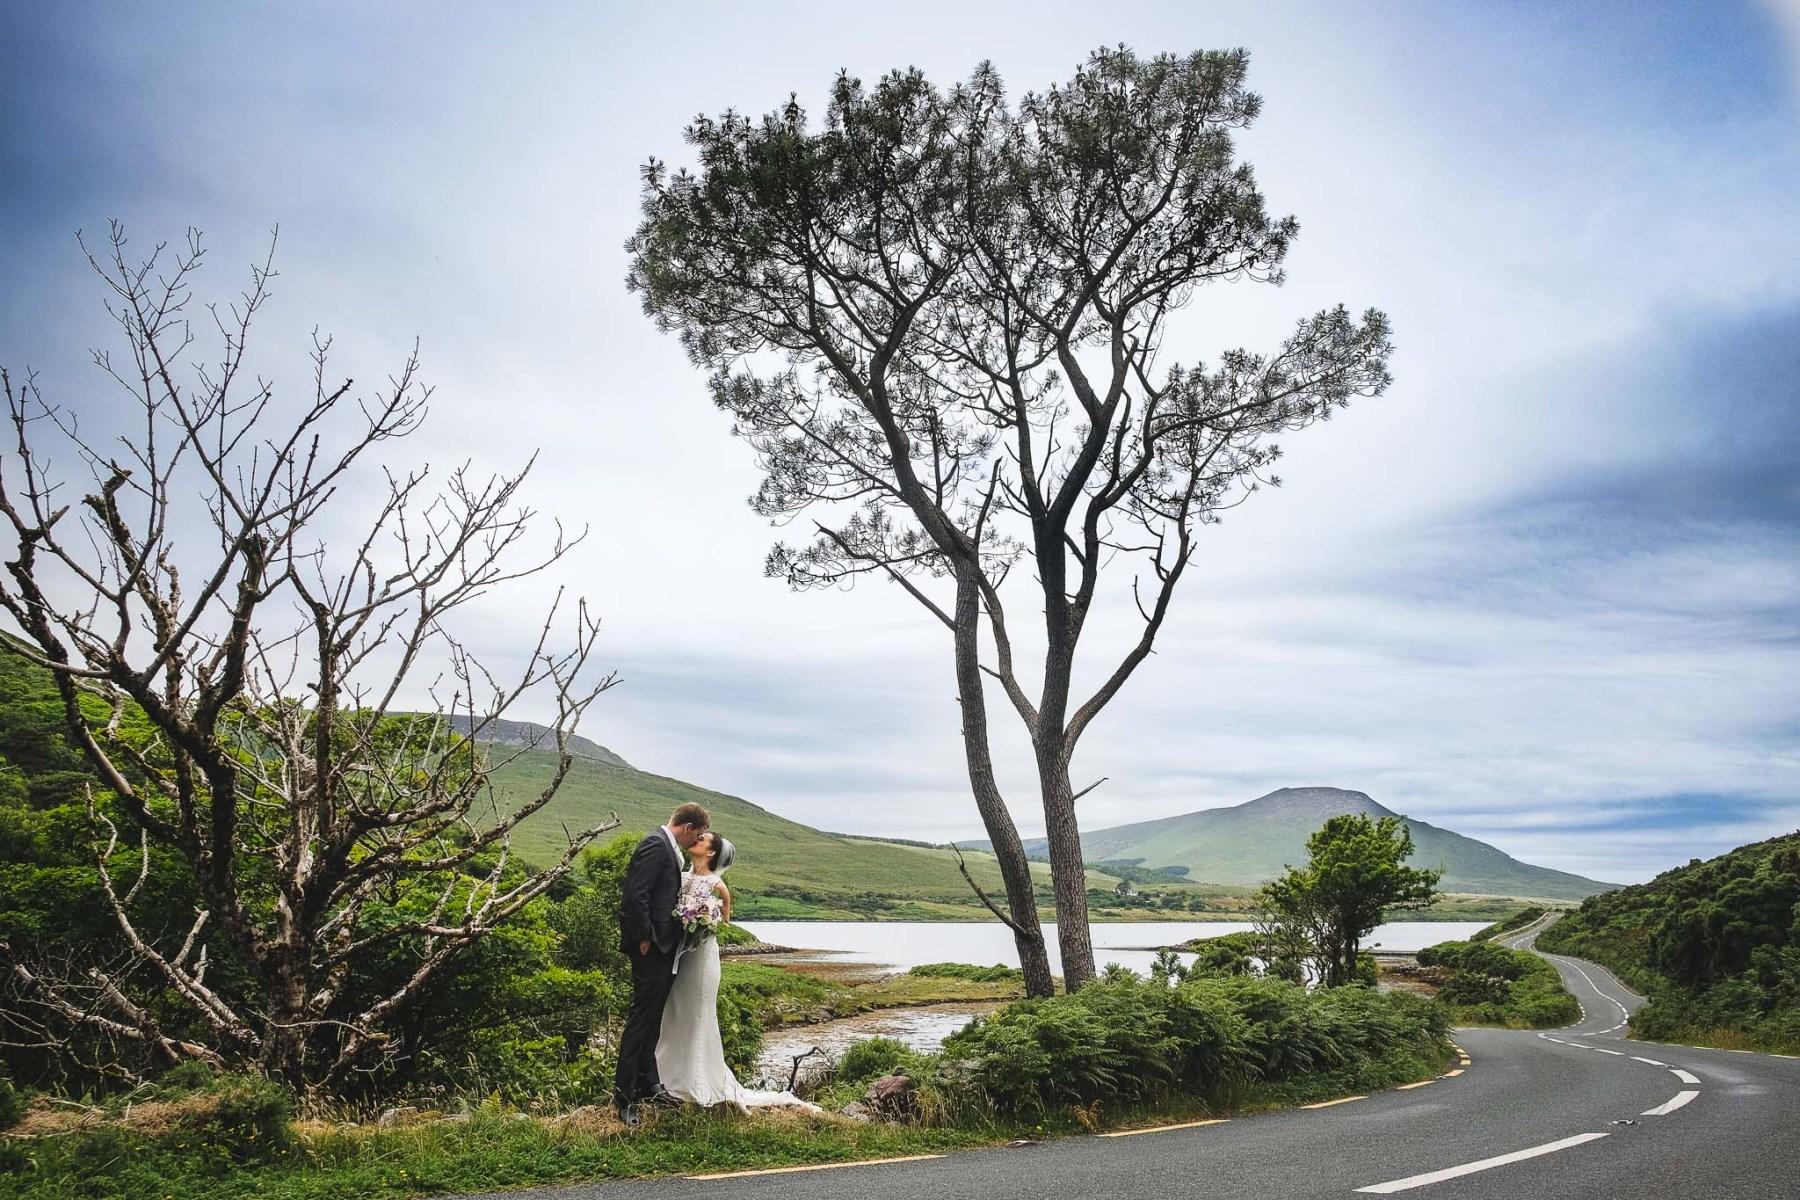 Destination wedding video in Ireland